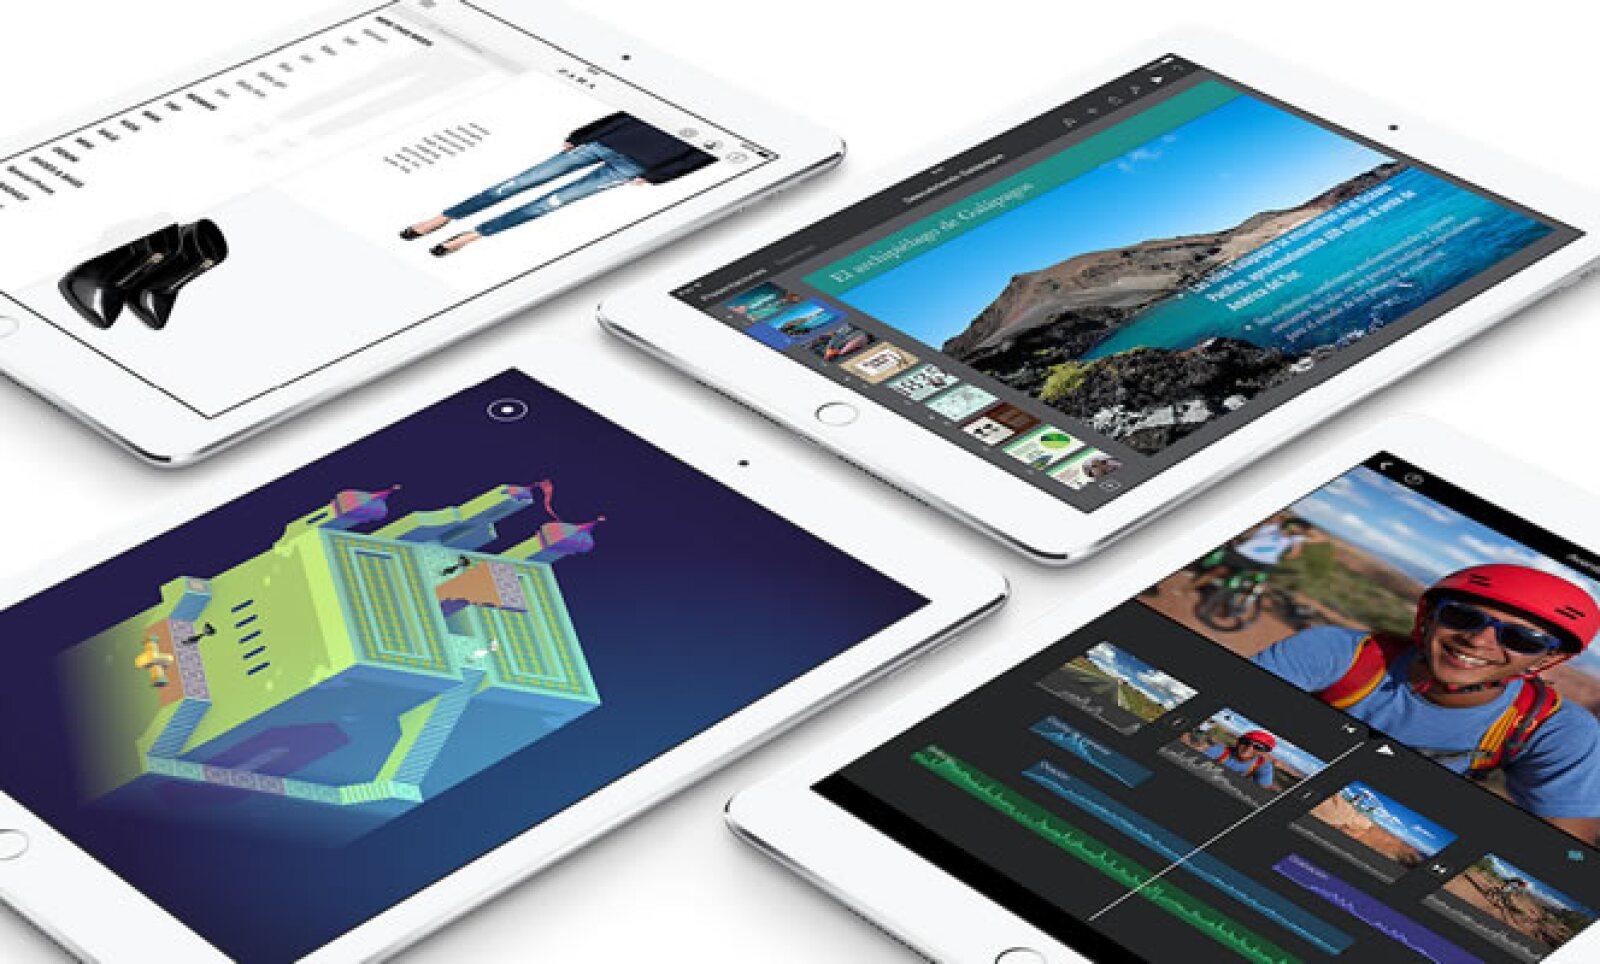 El equipo cuenta con 'apps' para realizar tareas cotidianas, como navegar en Internet, ver el correo electrónico, retocar fotos, etc.